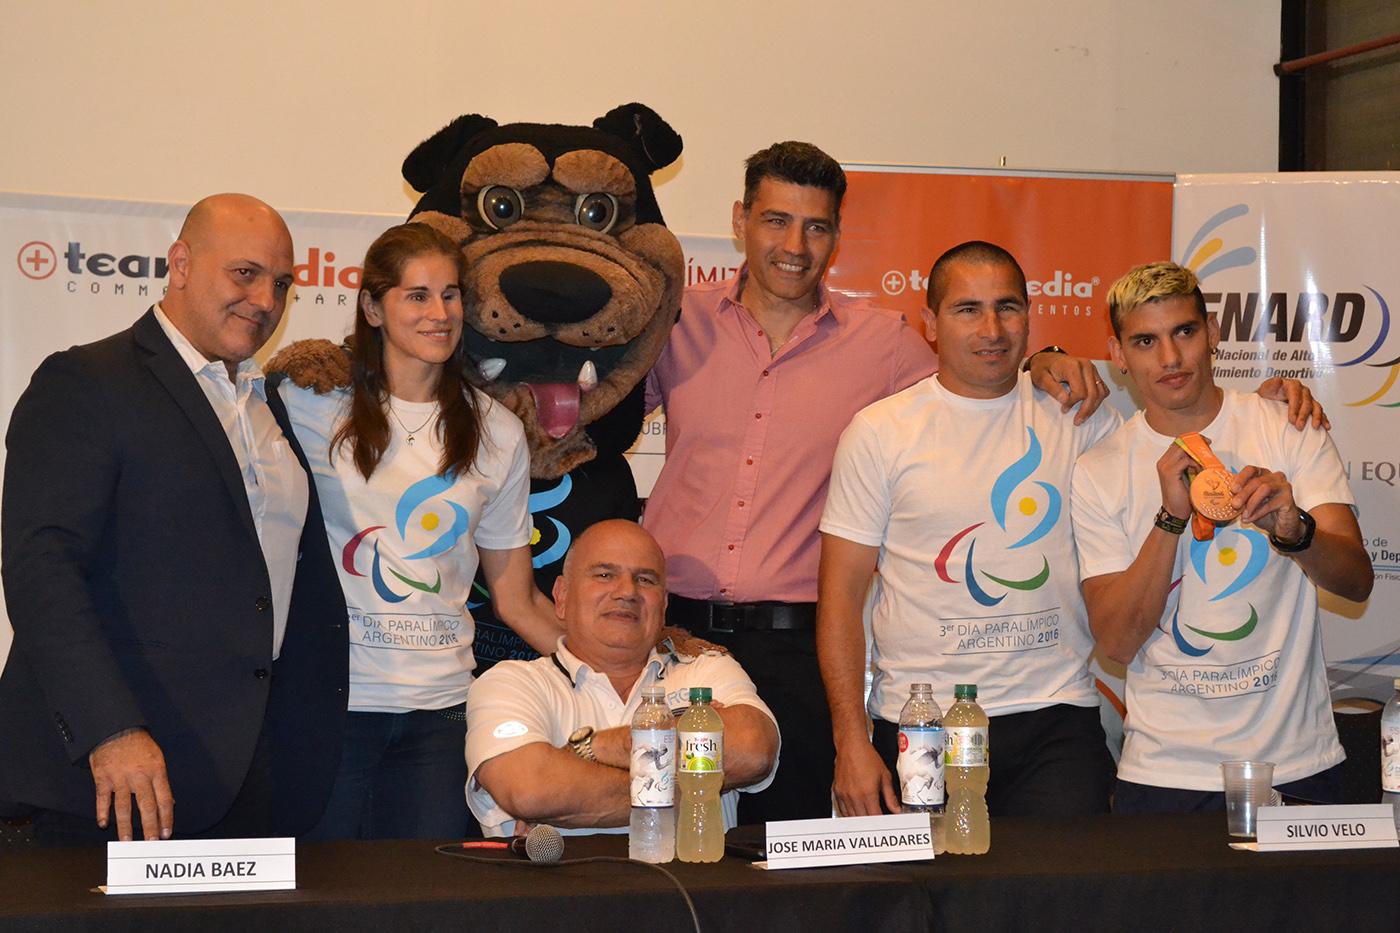 Con la presencia de Silvio Velo, Hernán Barreto y Nadia Baez, se realizó la presentación del 3er. Día Paralímpico en el Luna Park